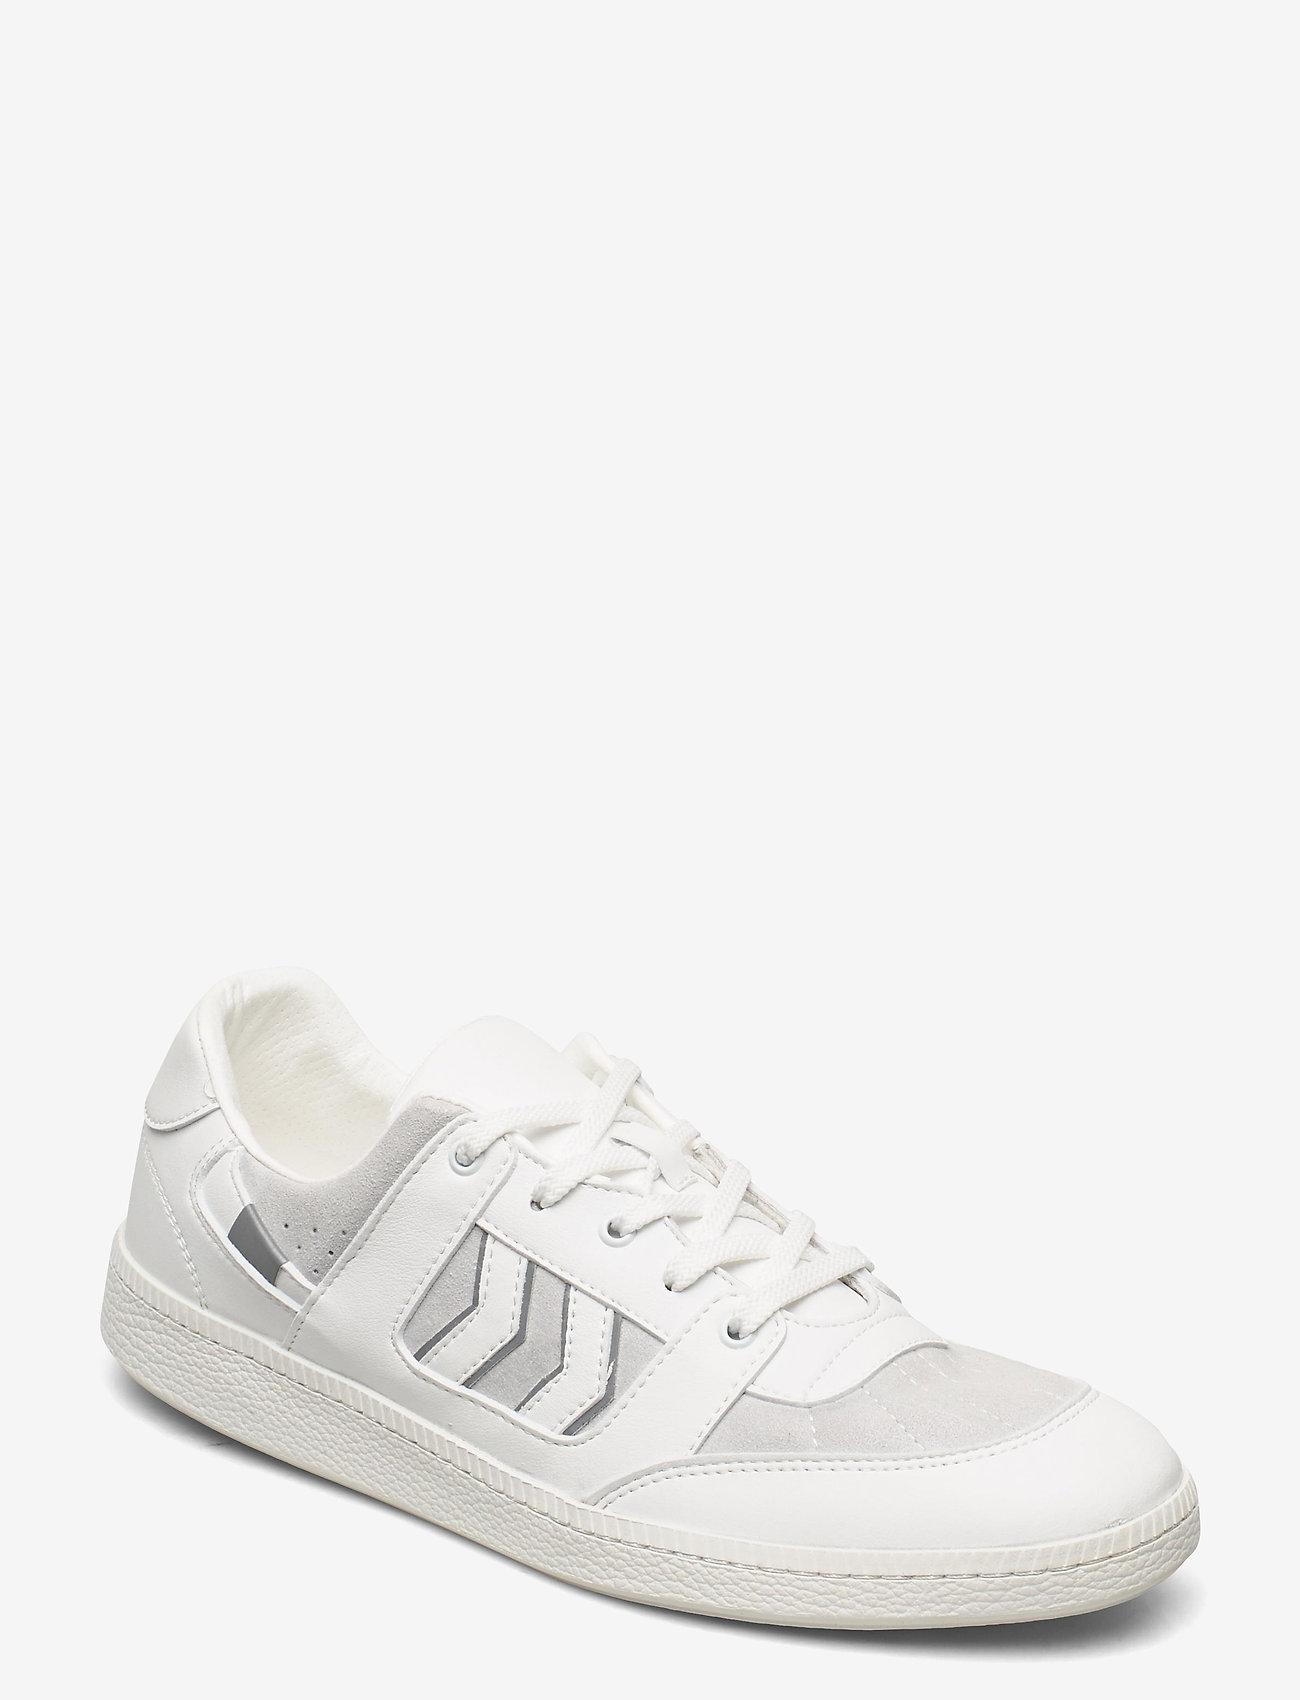 Hummel - SEOUL PREMIUM - baskets basses - white - 0